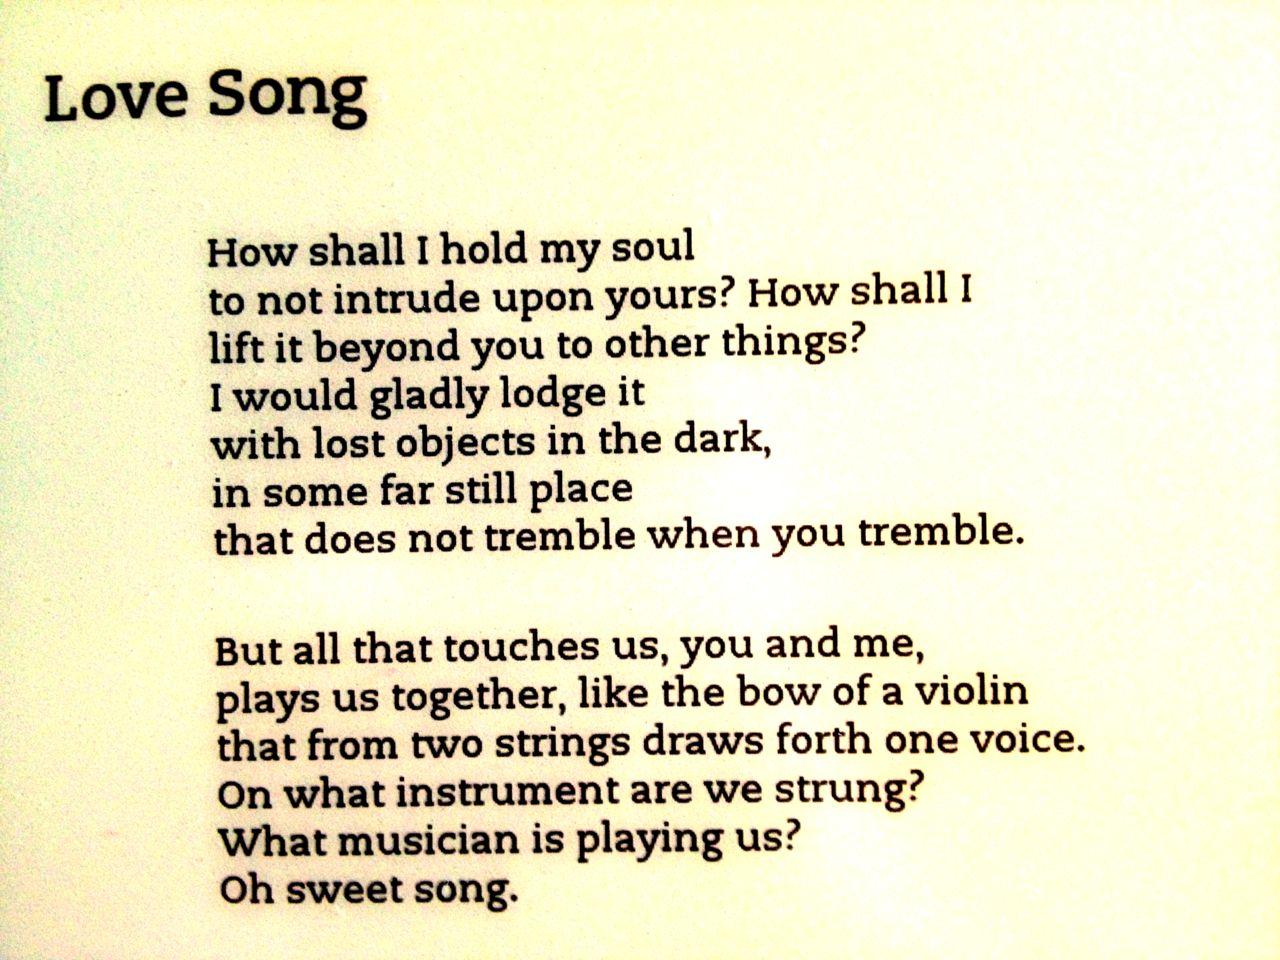 Love Song by Rainer Maria Rilke poetry